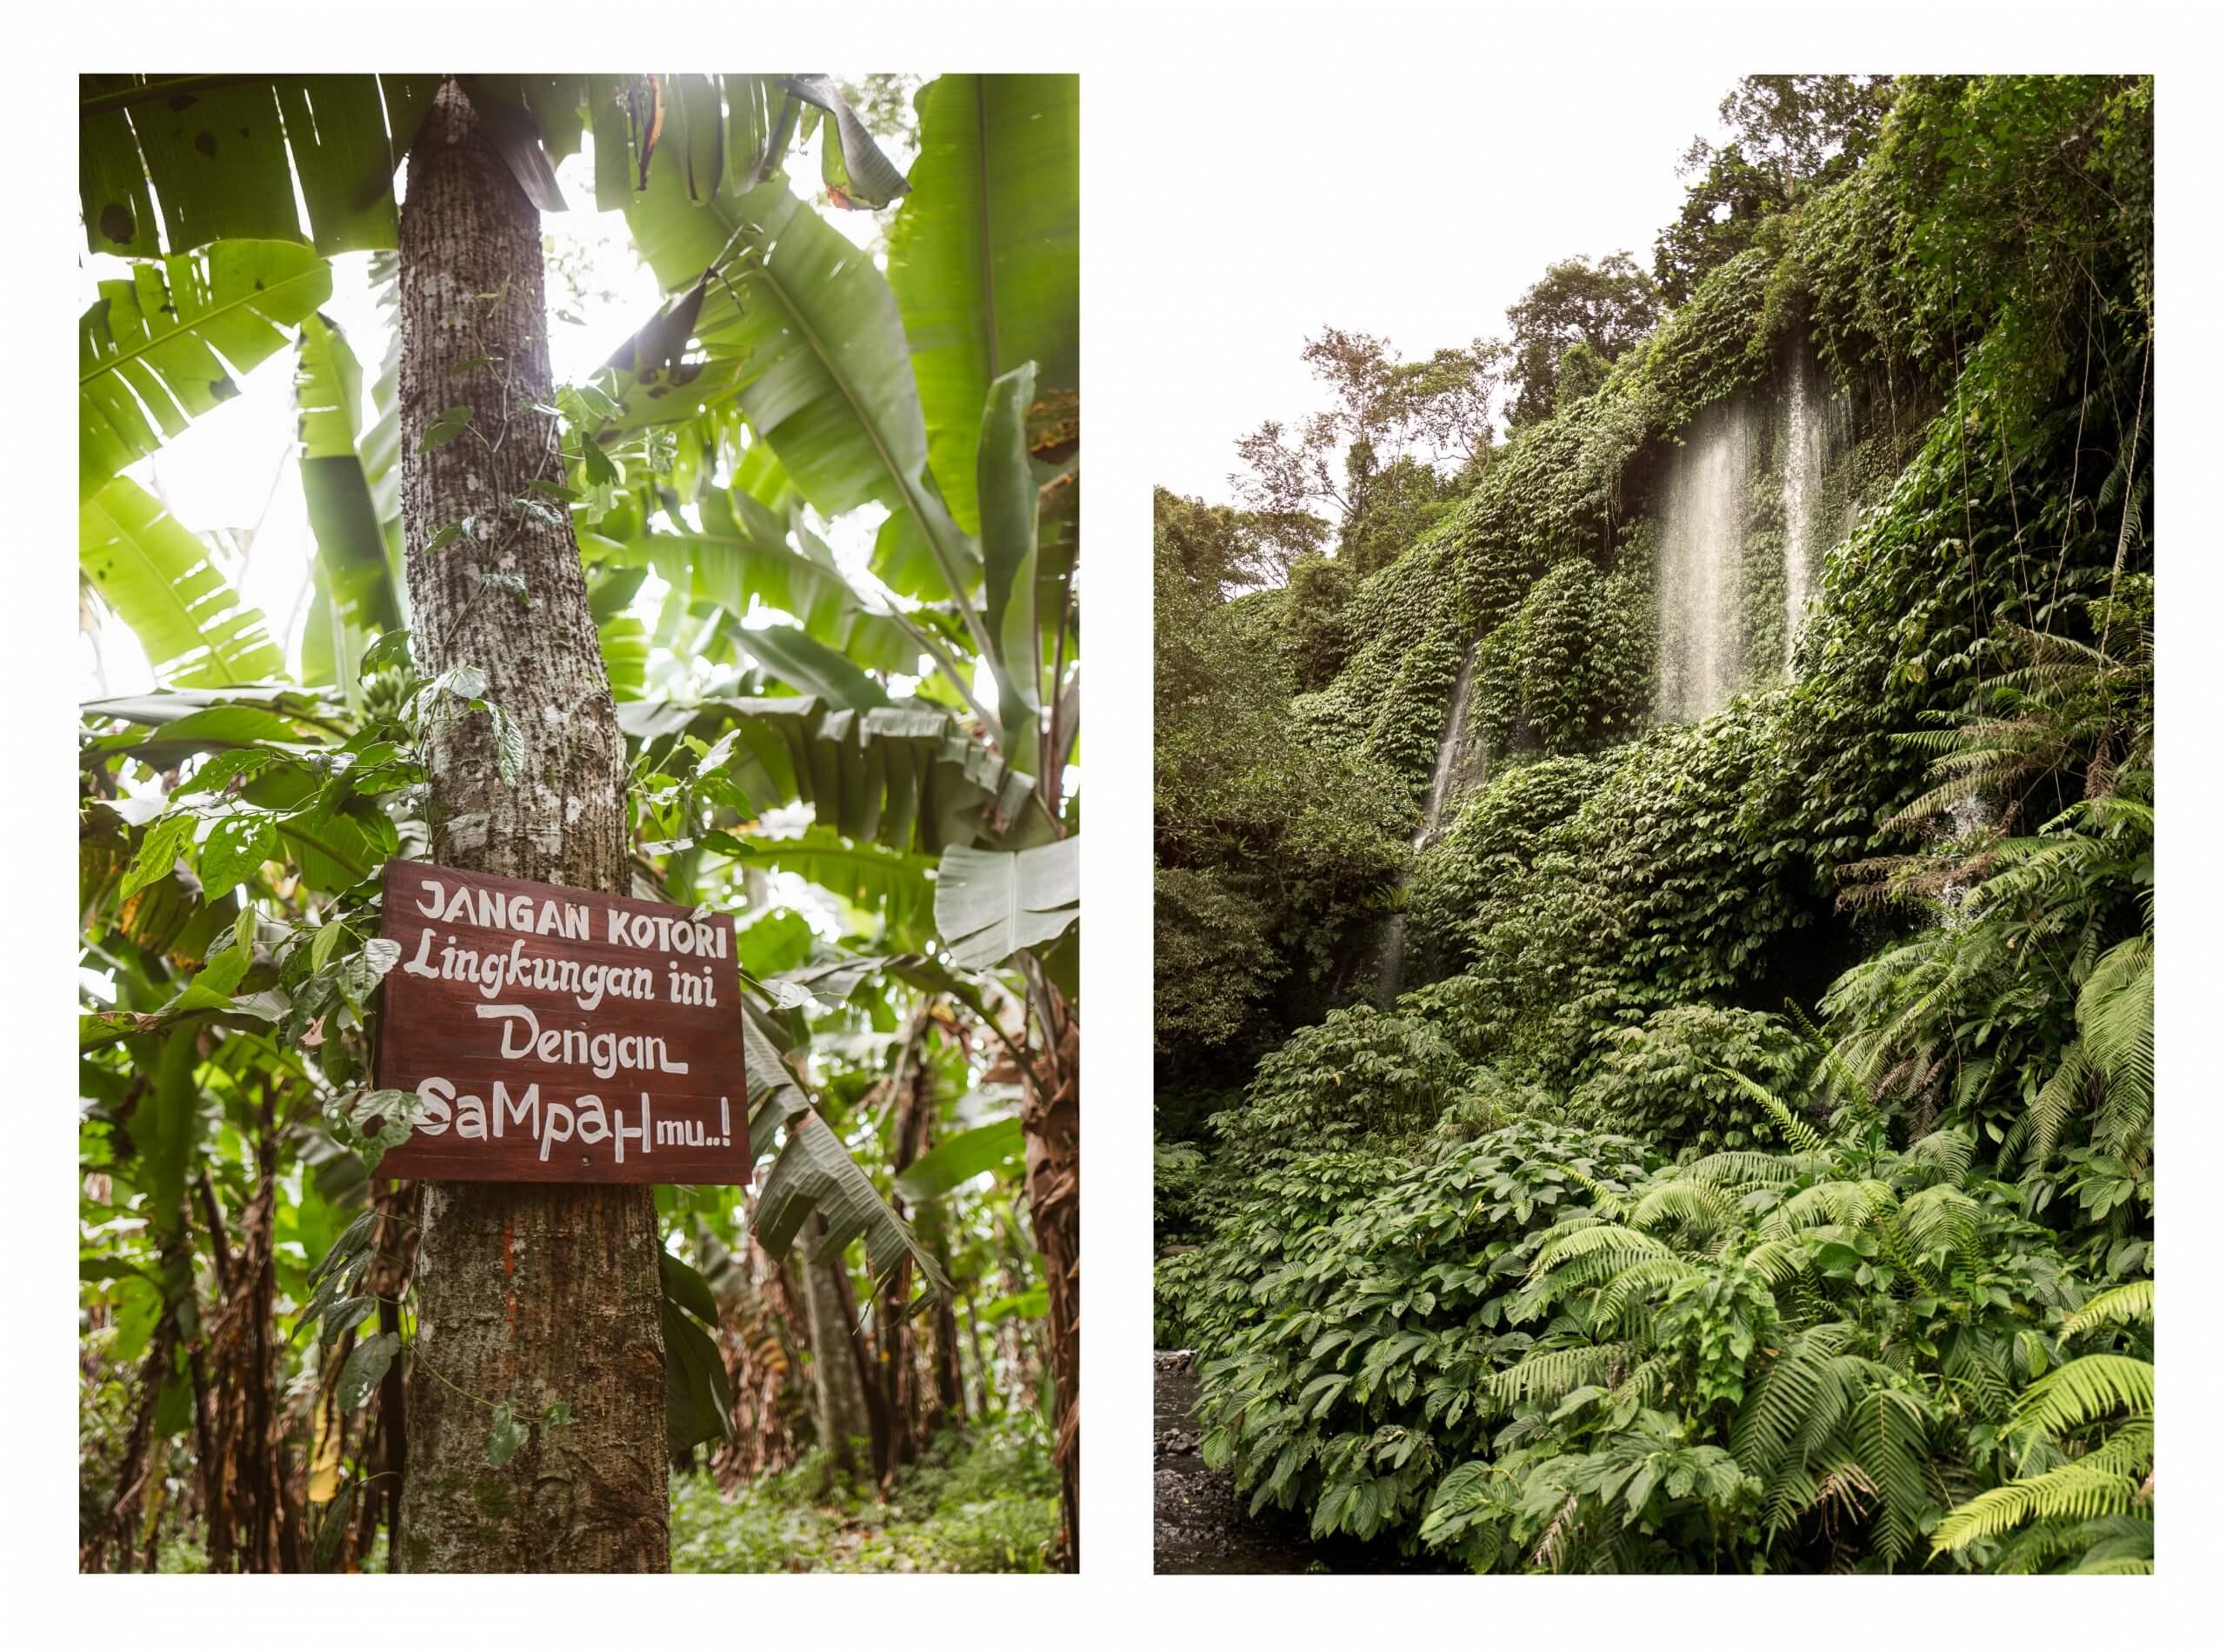 janni-deler-waterfall-lombok-1-of-7-copy